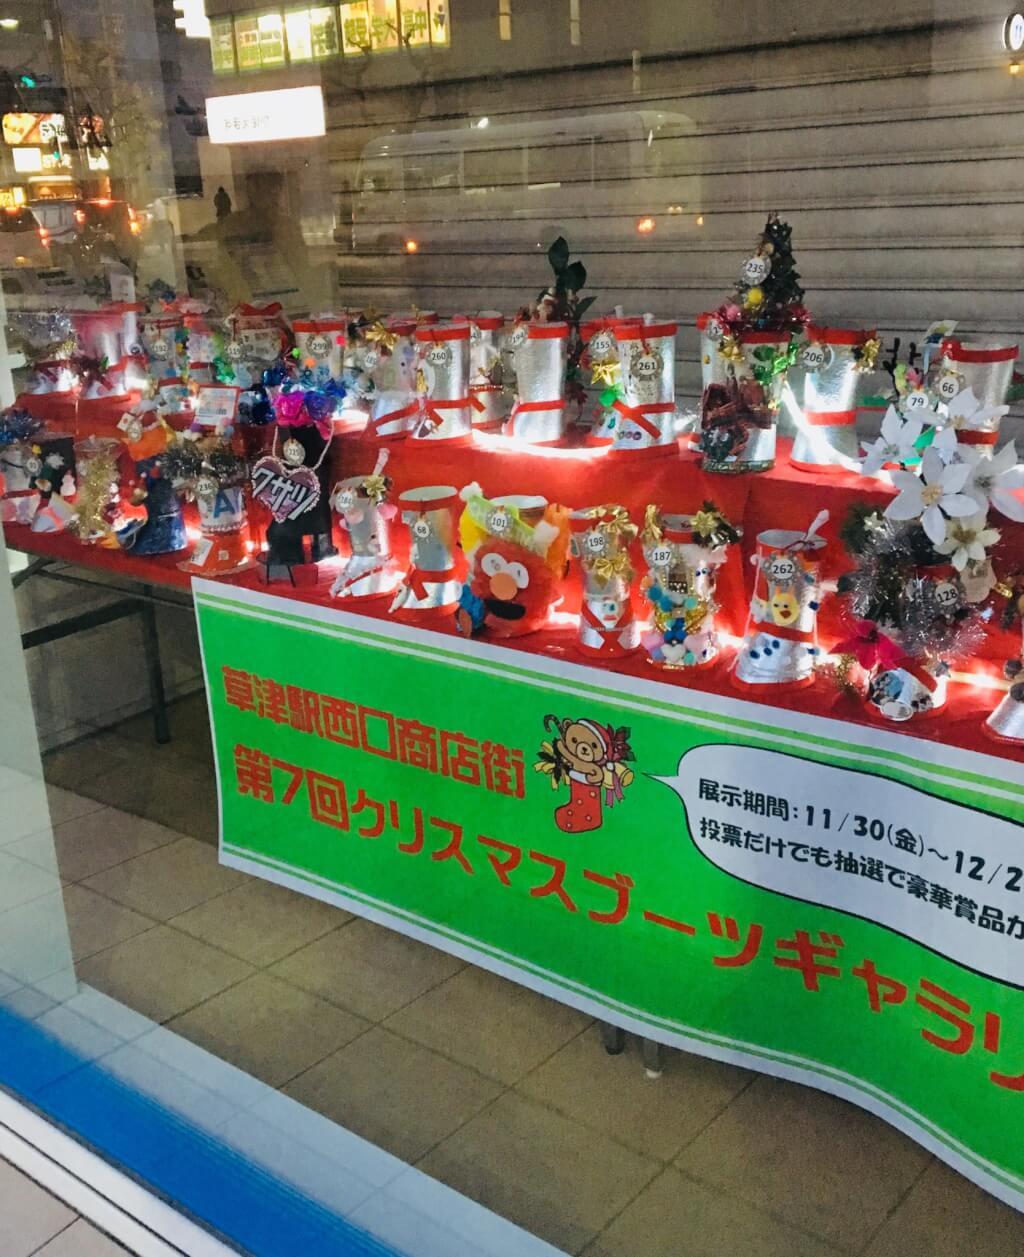 クリスマスギャラリー 展示